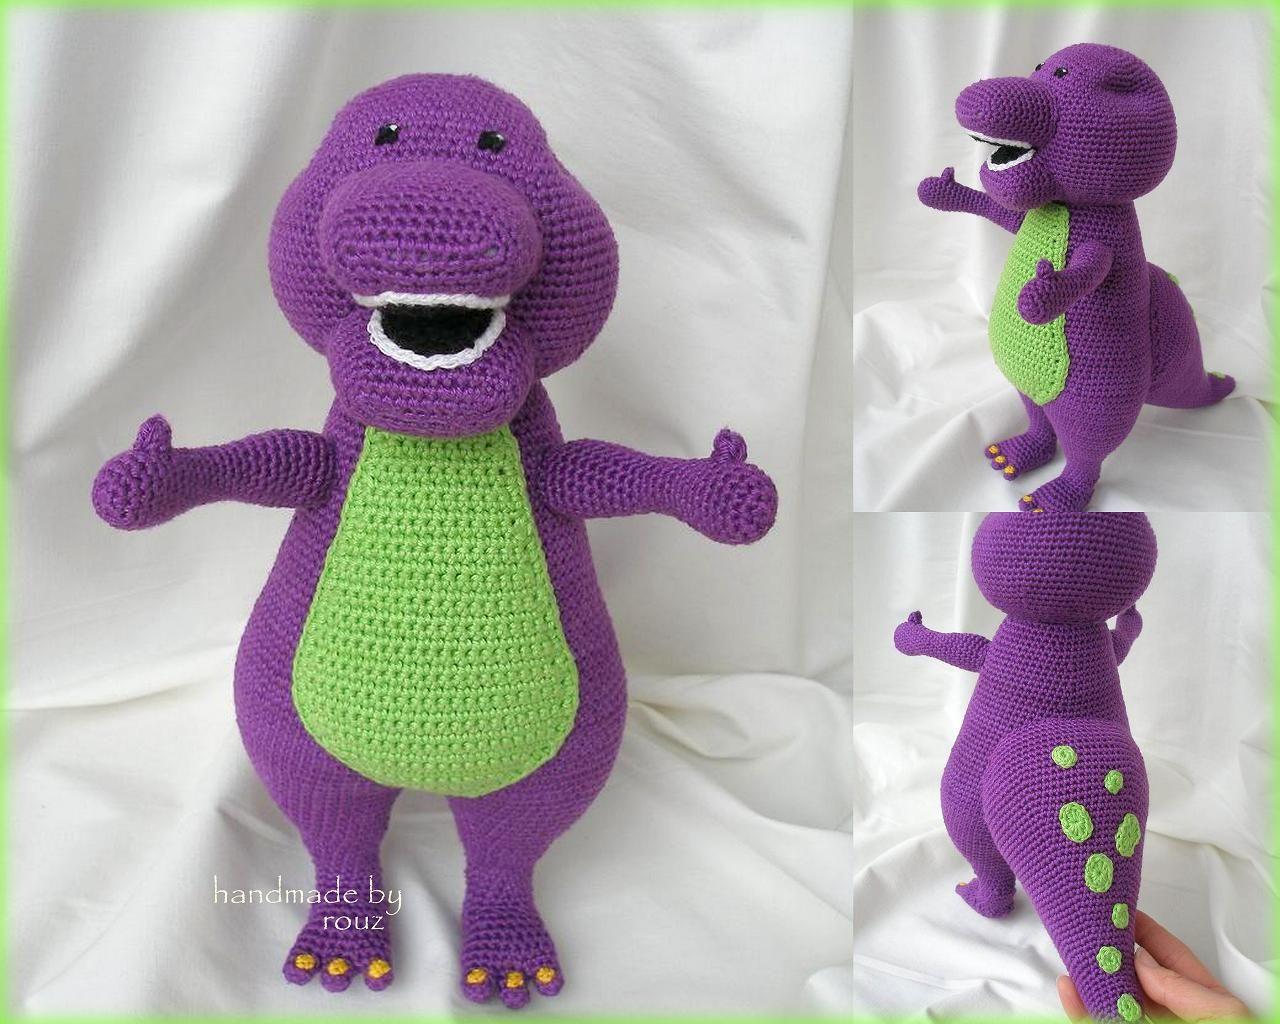 Barney Dinosaur Knitting Pattern : crochet #?barney, barney amigurumi, designed by handmadebyrouz, find at: http...